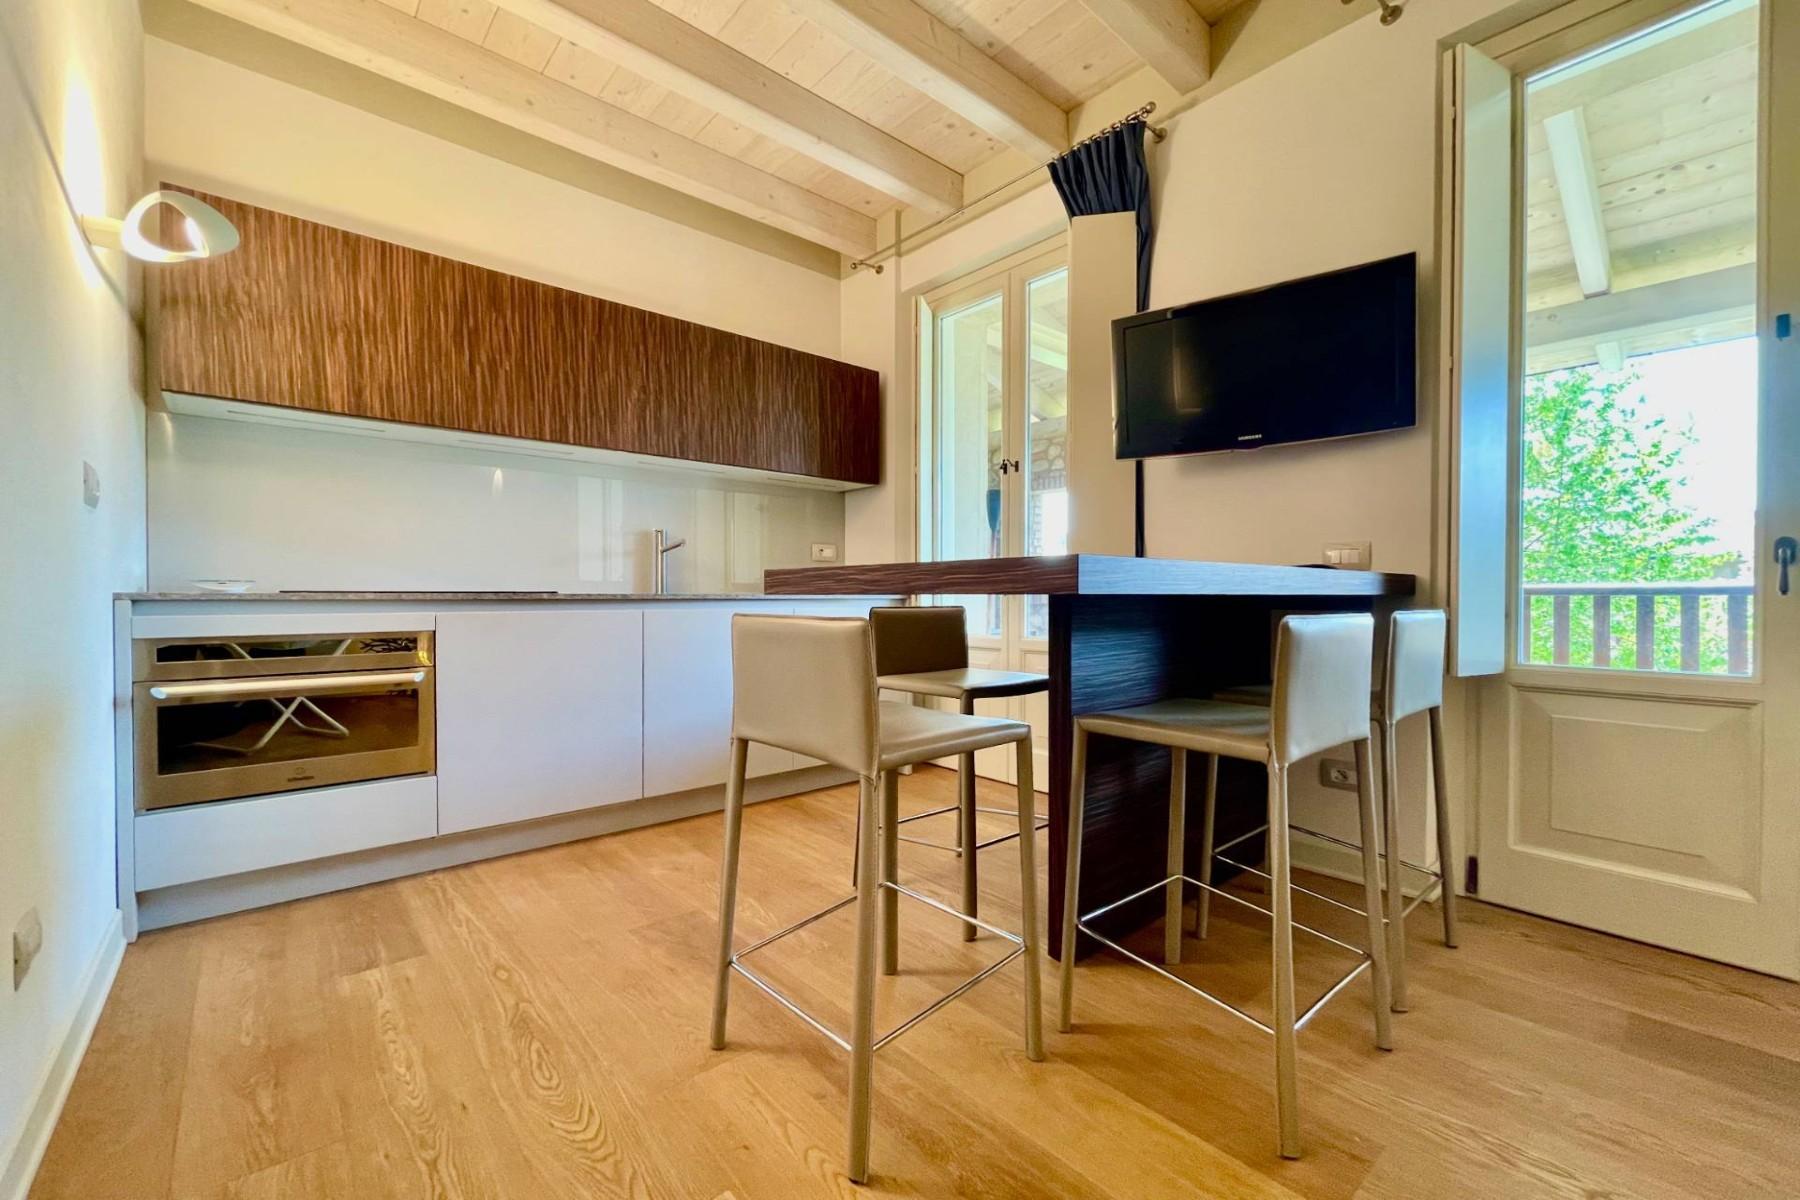 Appartamento in Vendita a Pozzolengo: 2 locali, 67 mq - Foto 5